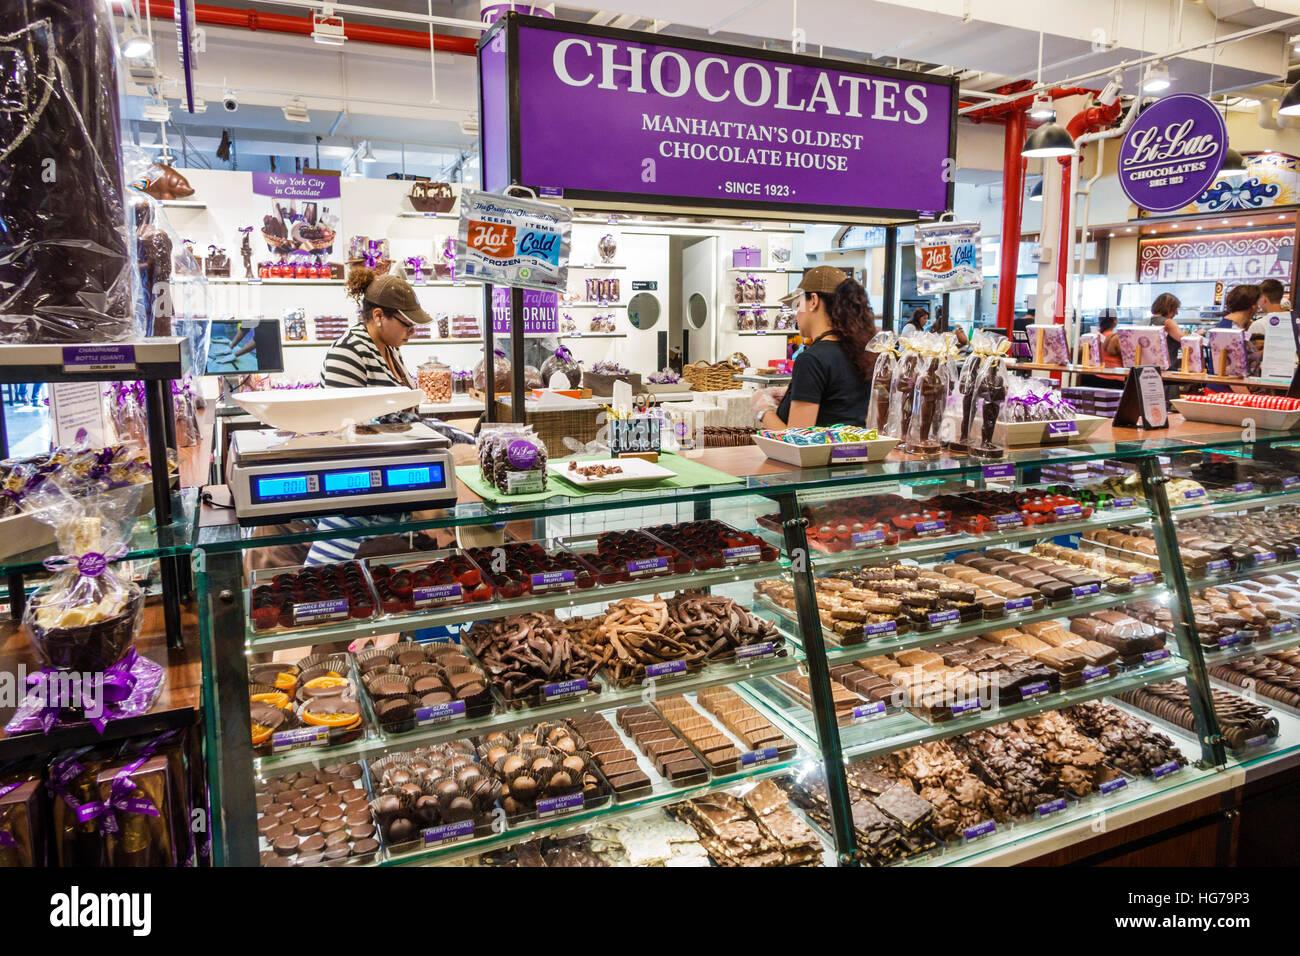 Chelsea Market manhattan new york city nyc ny chelsea chelsea market li-lac stock